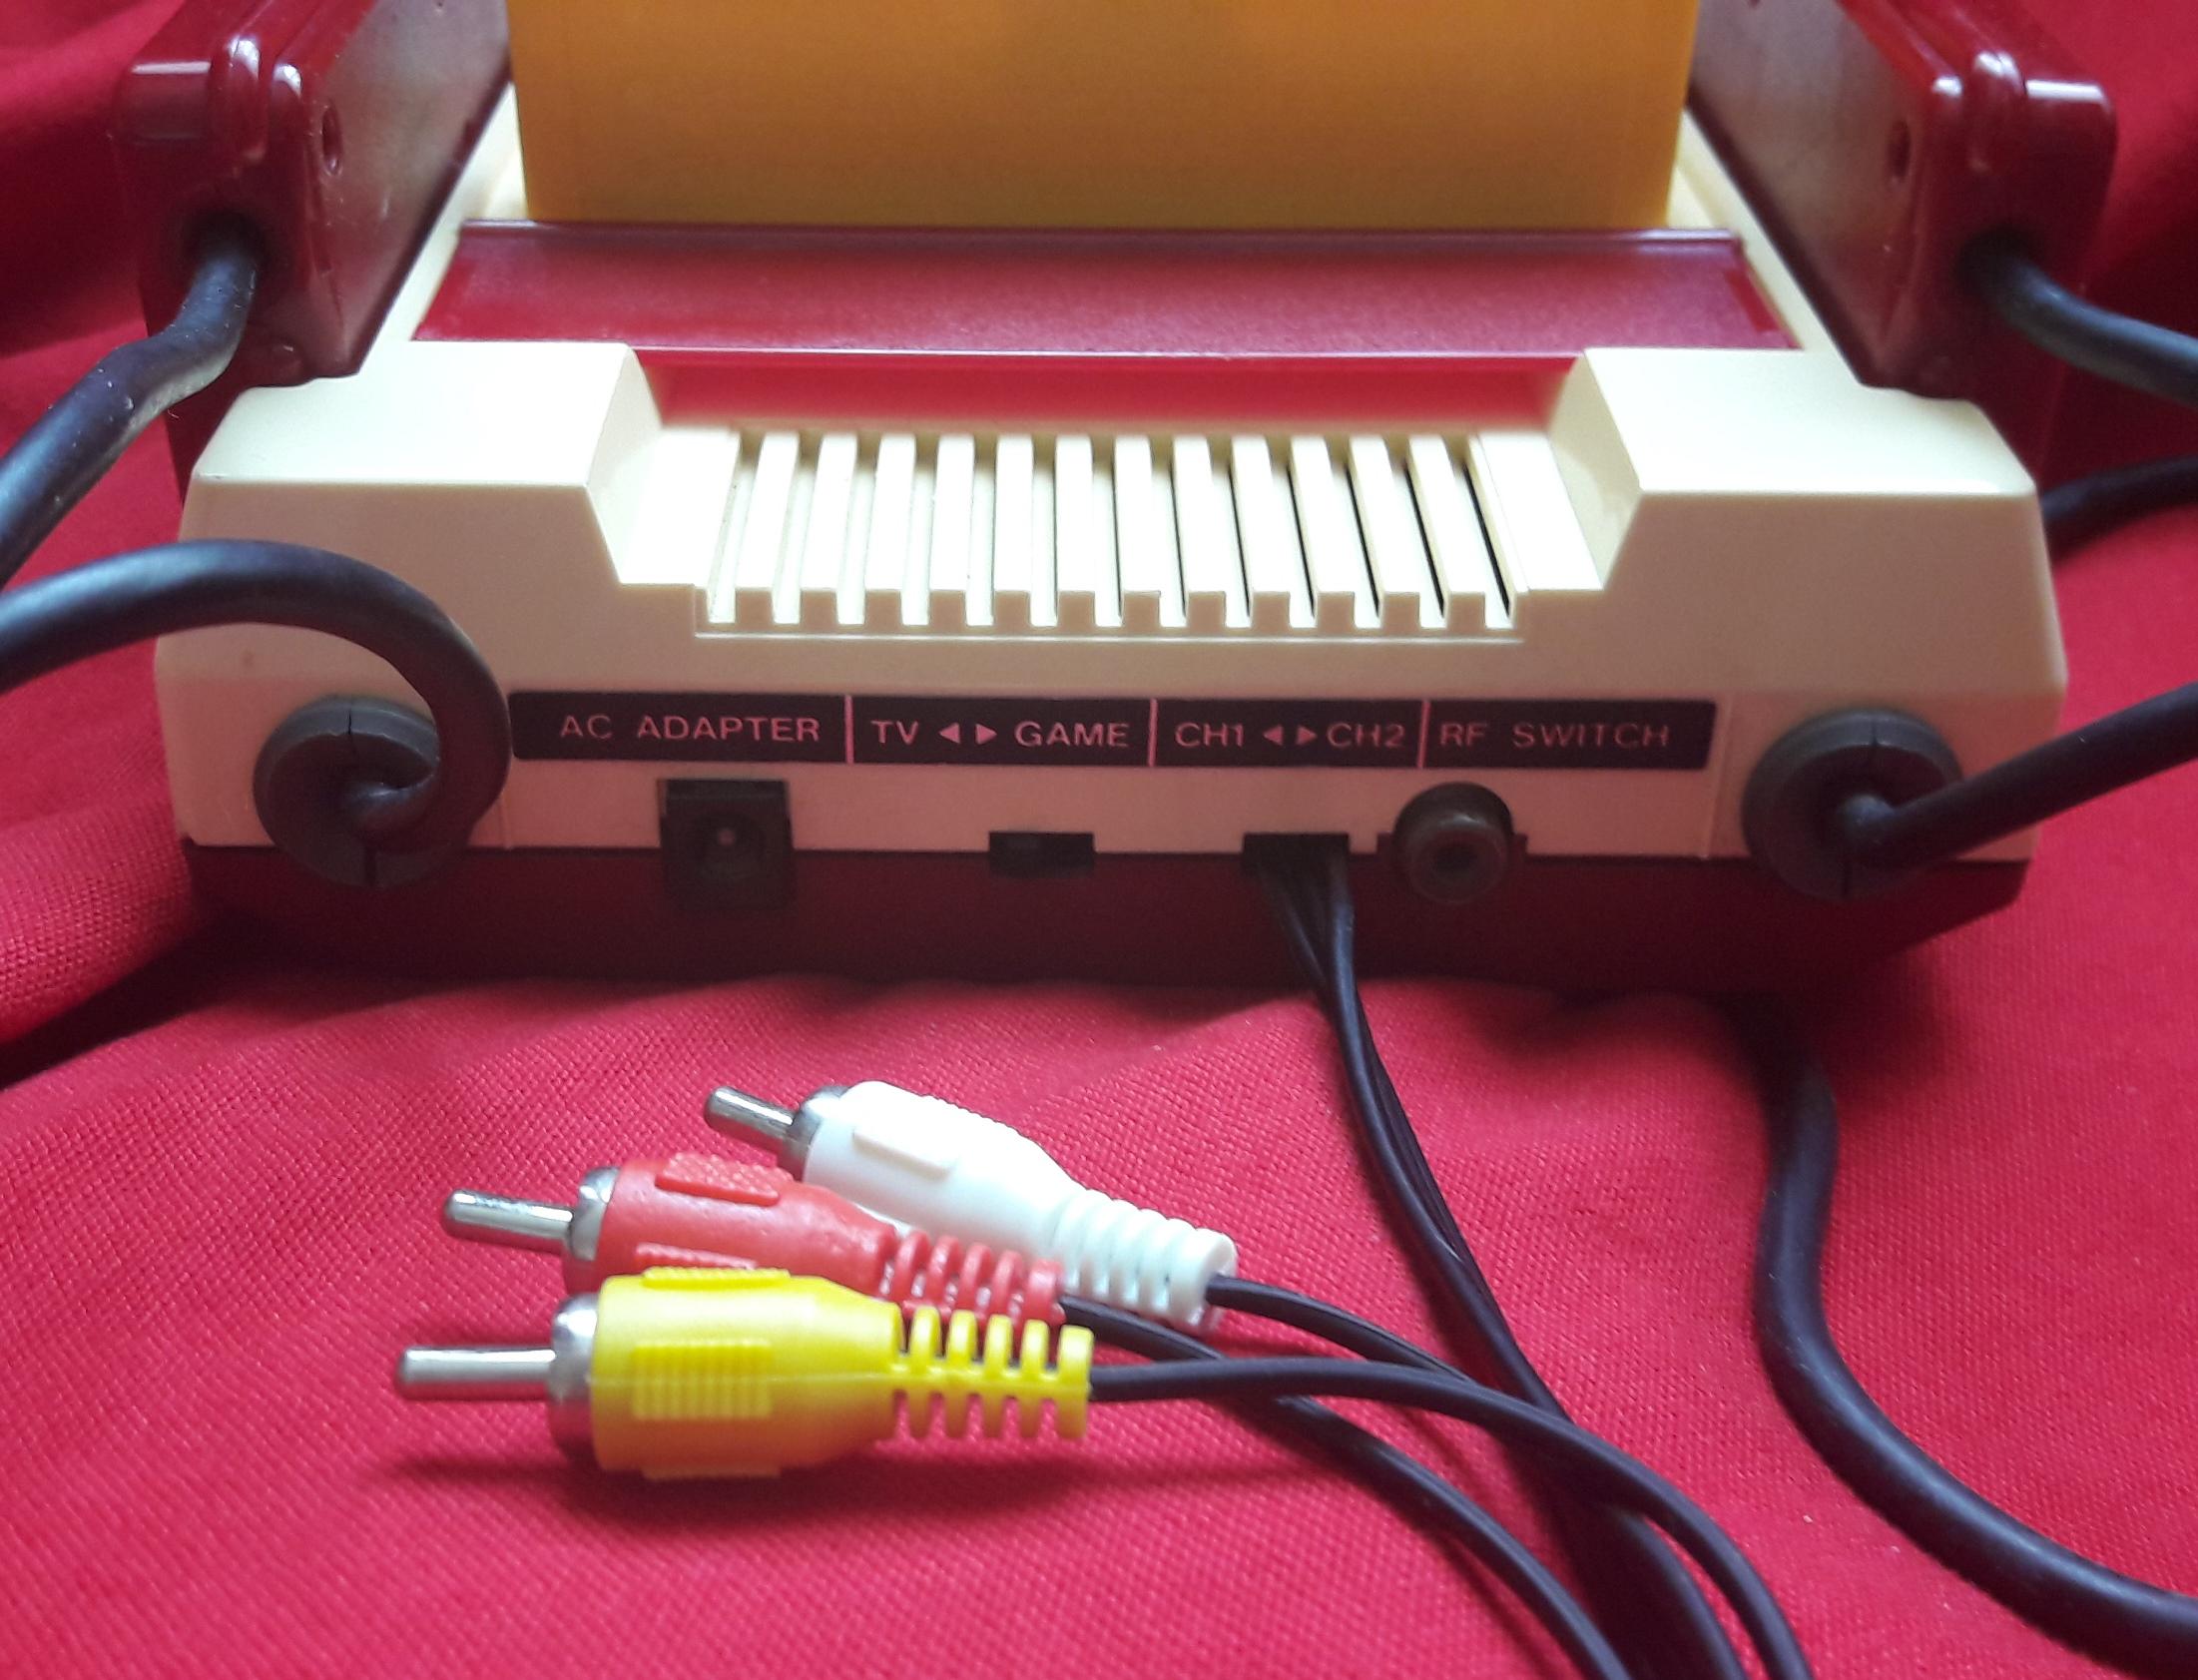 [VDS] Mod/Rep Nintendo: NES / Famicom RCA, SNES Switch.., Disk Syst... 1496323616-5